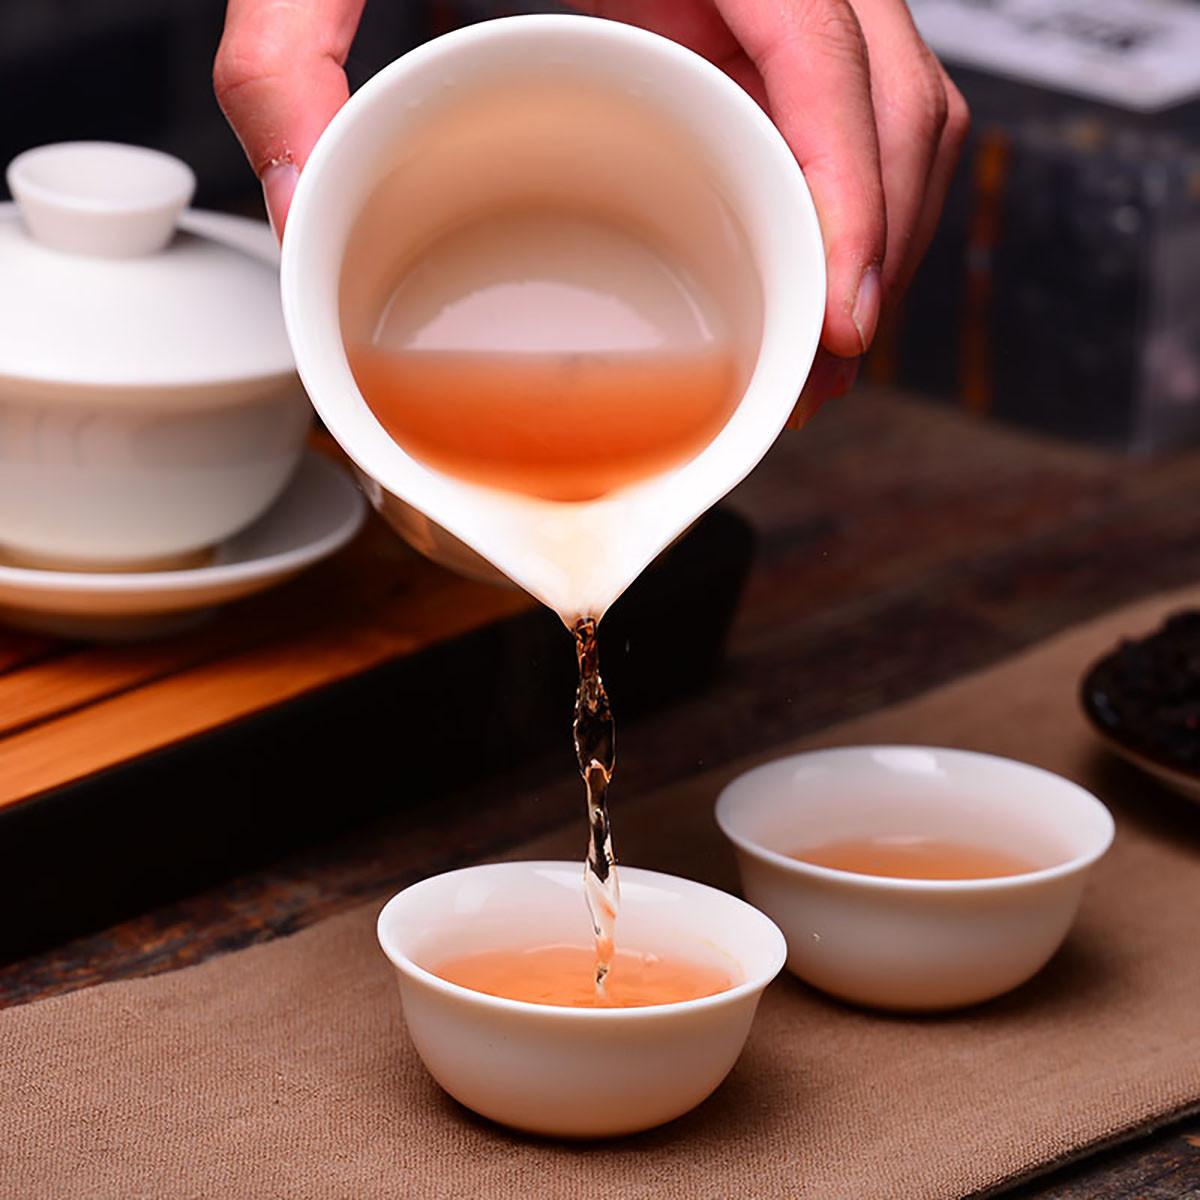 新茶黑乌龙茶高浓度油切高山茶叶浓香型木炭技法散装陶瓷罐装 2019